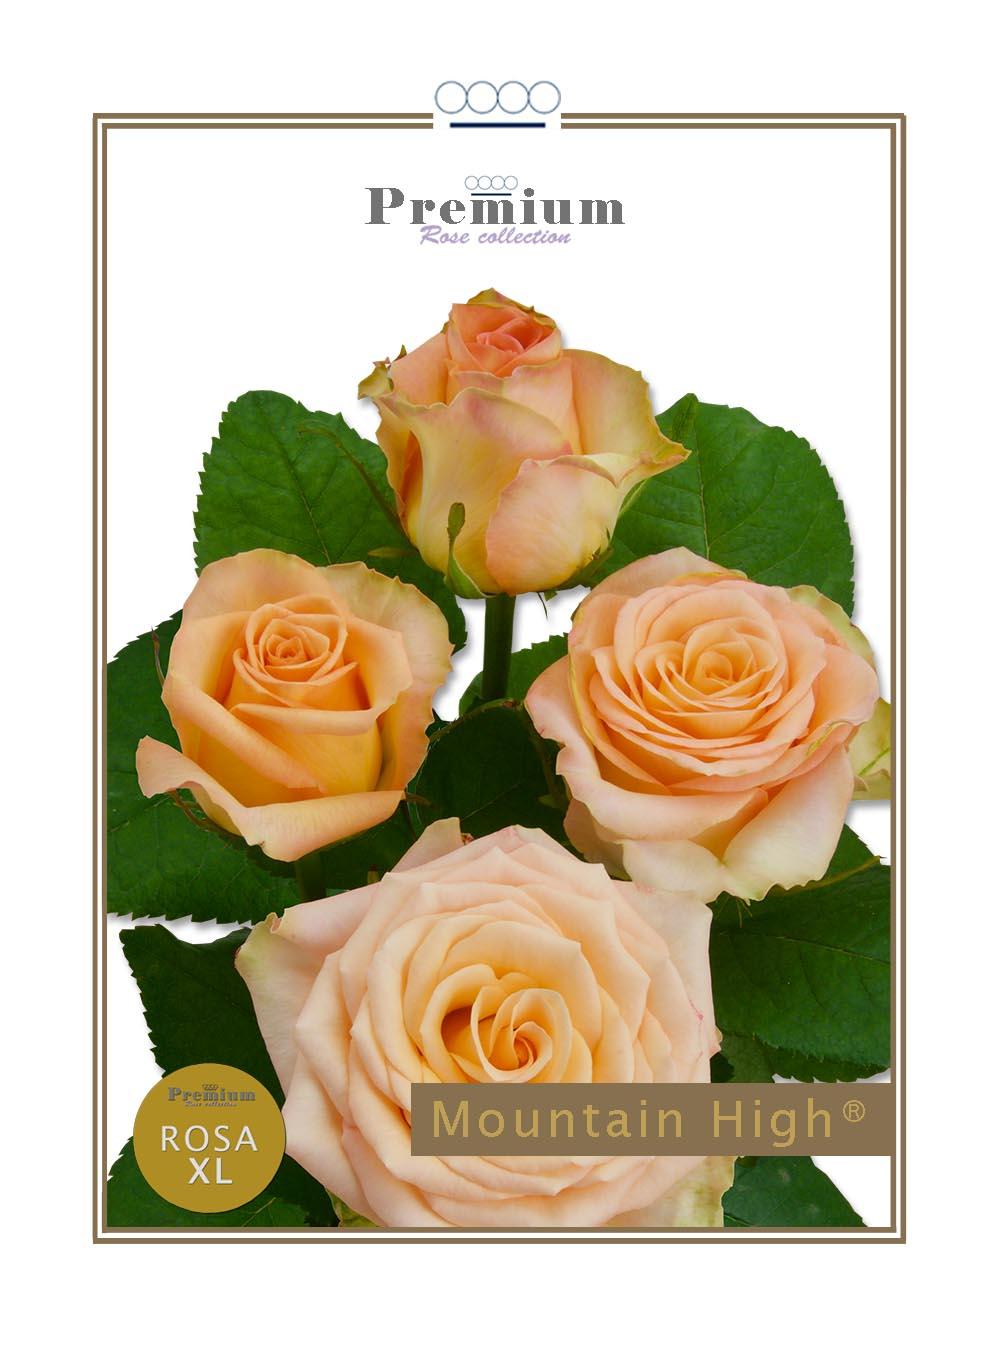 Mountain High®